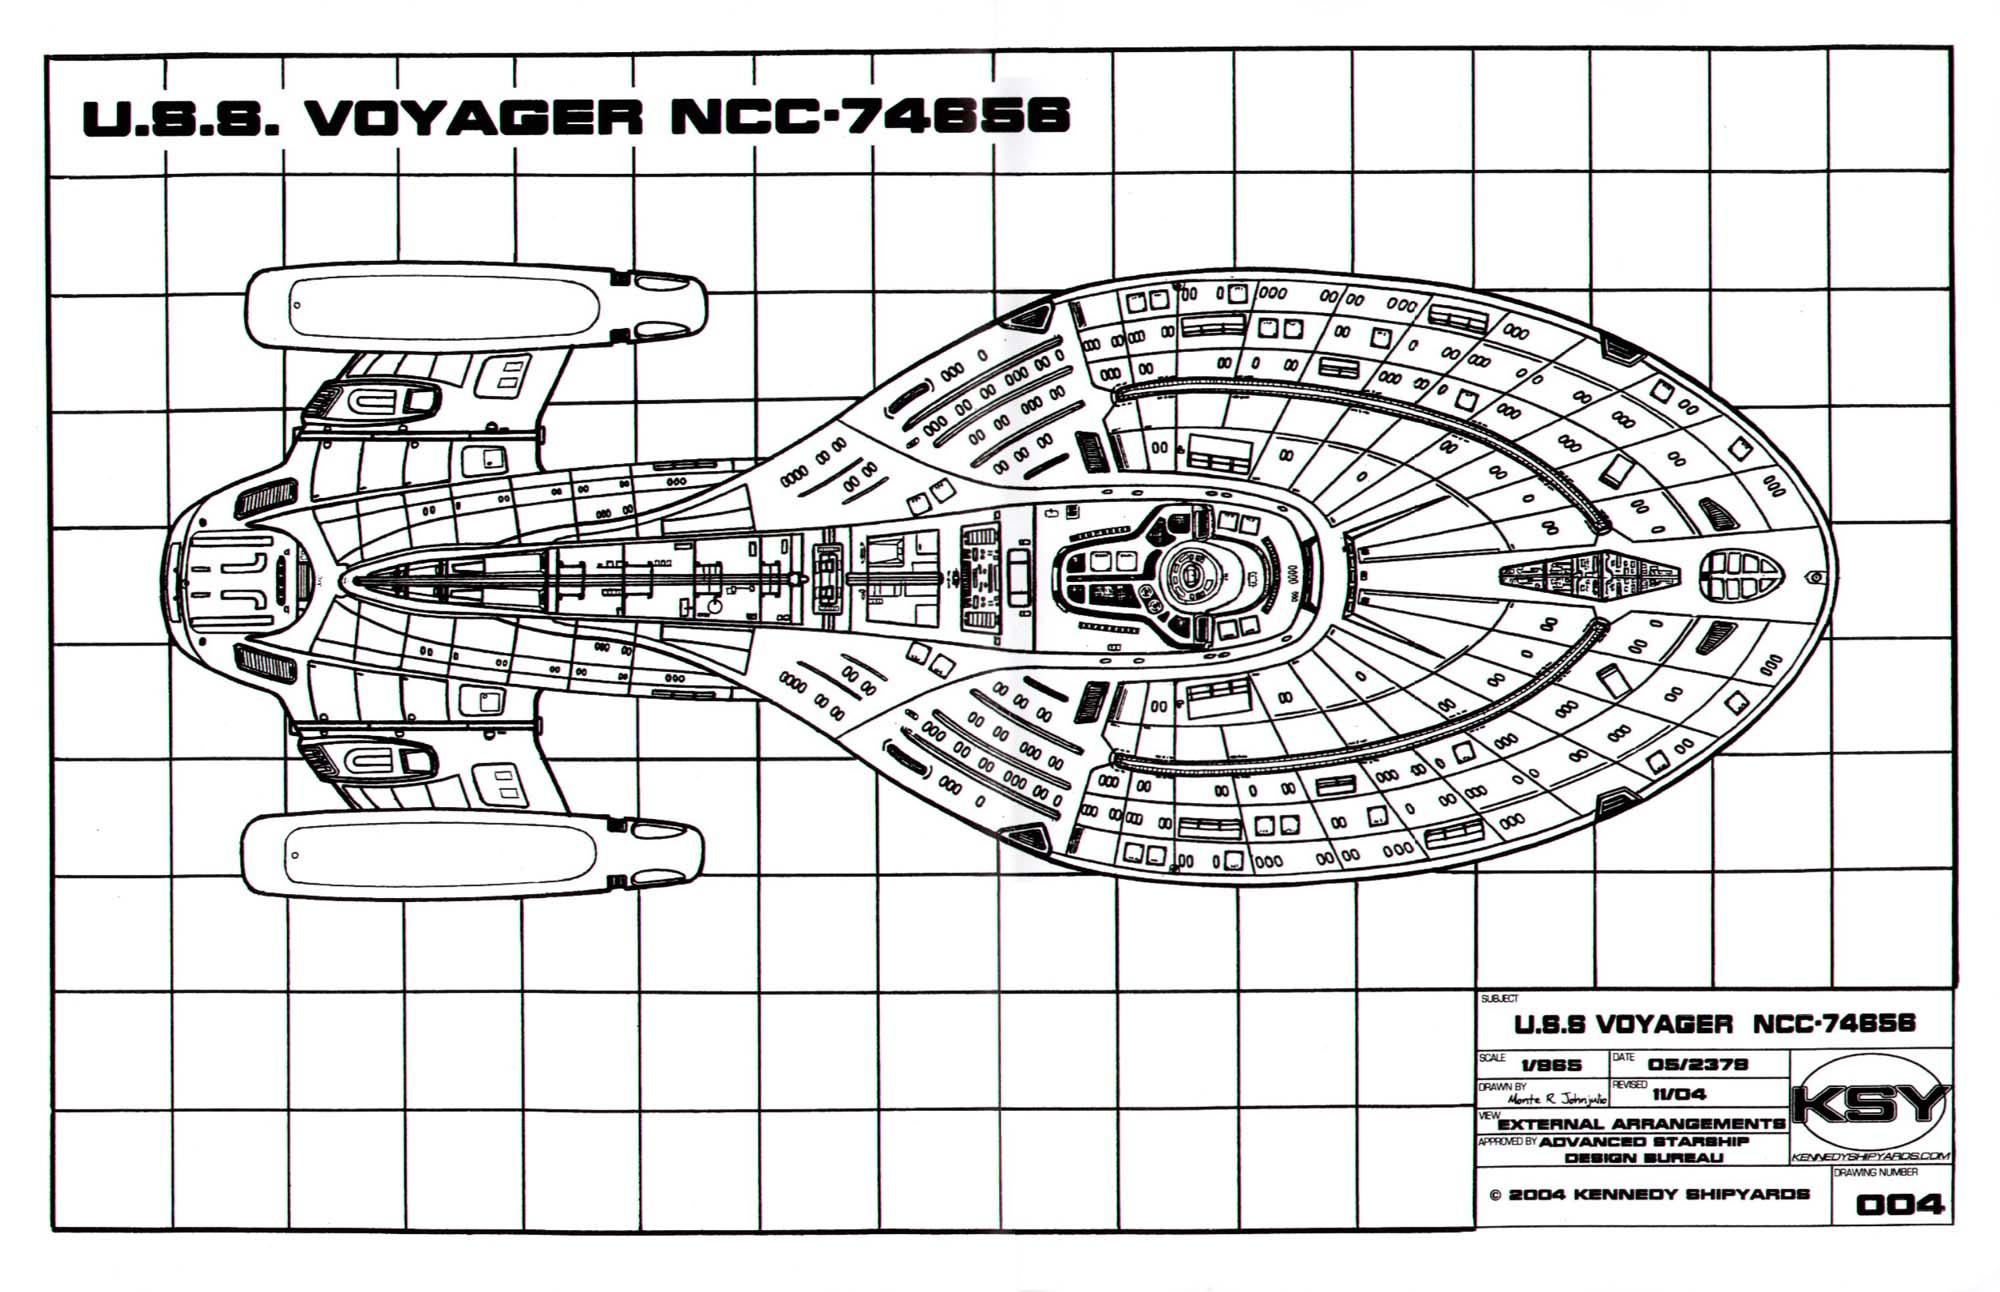 star trek blueprints intrepid class starship u s s voyager basic circuit schematics voyager schematics #9